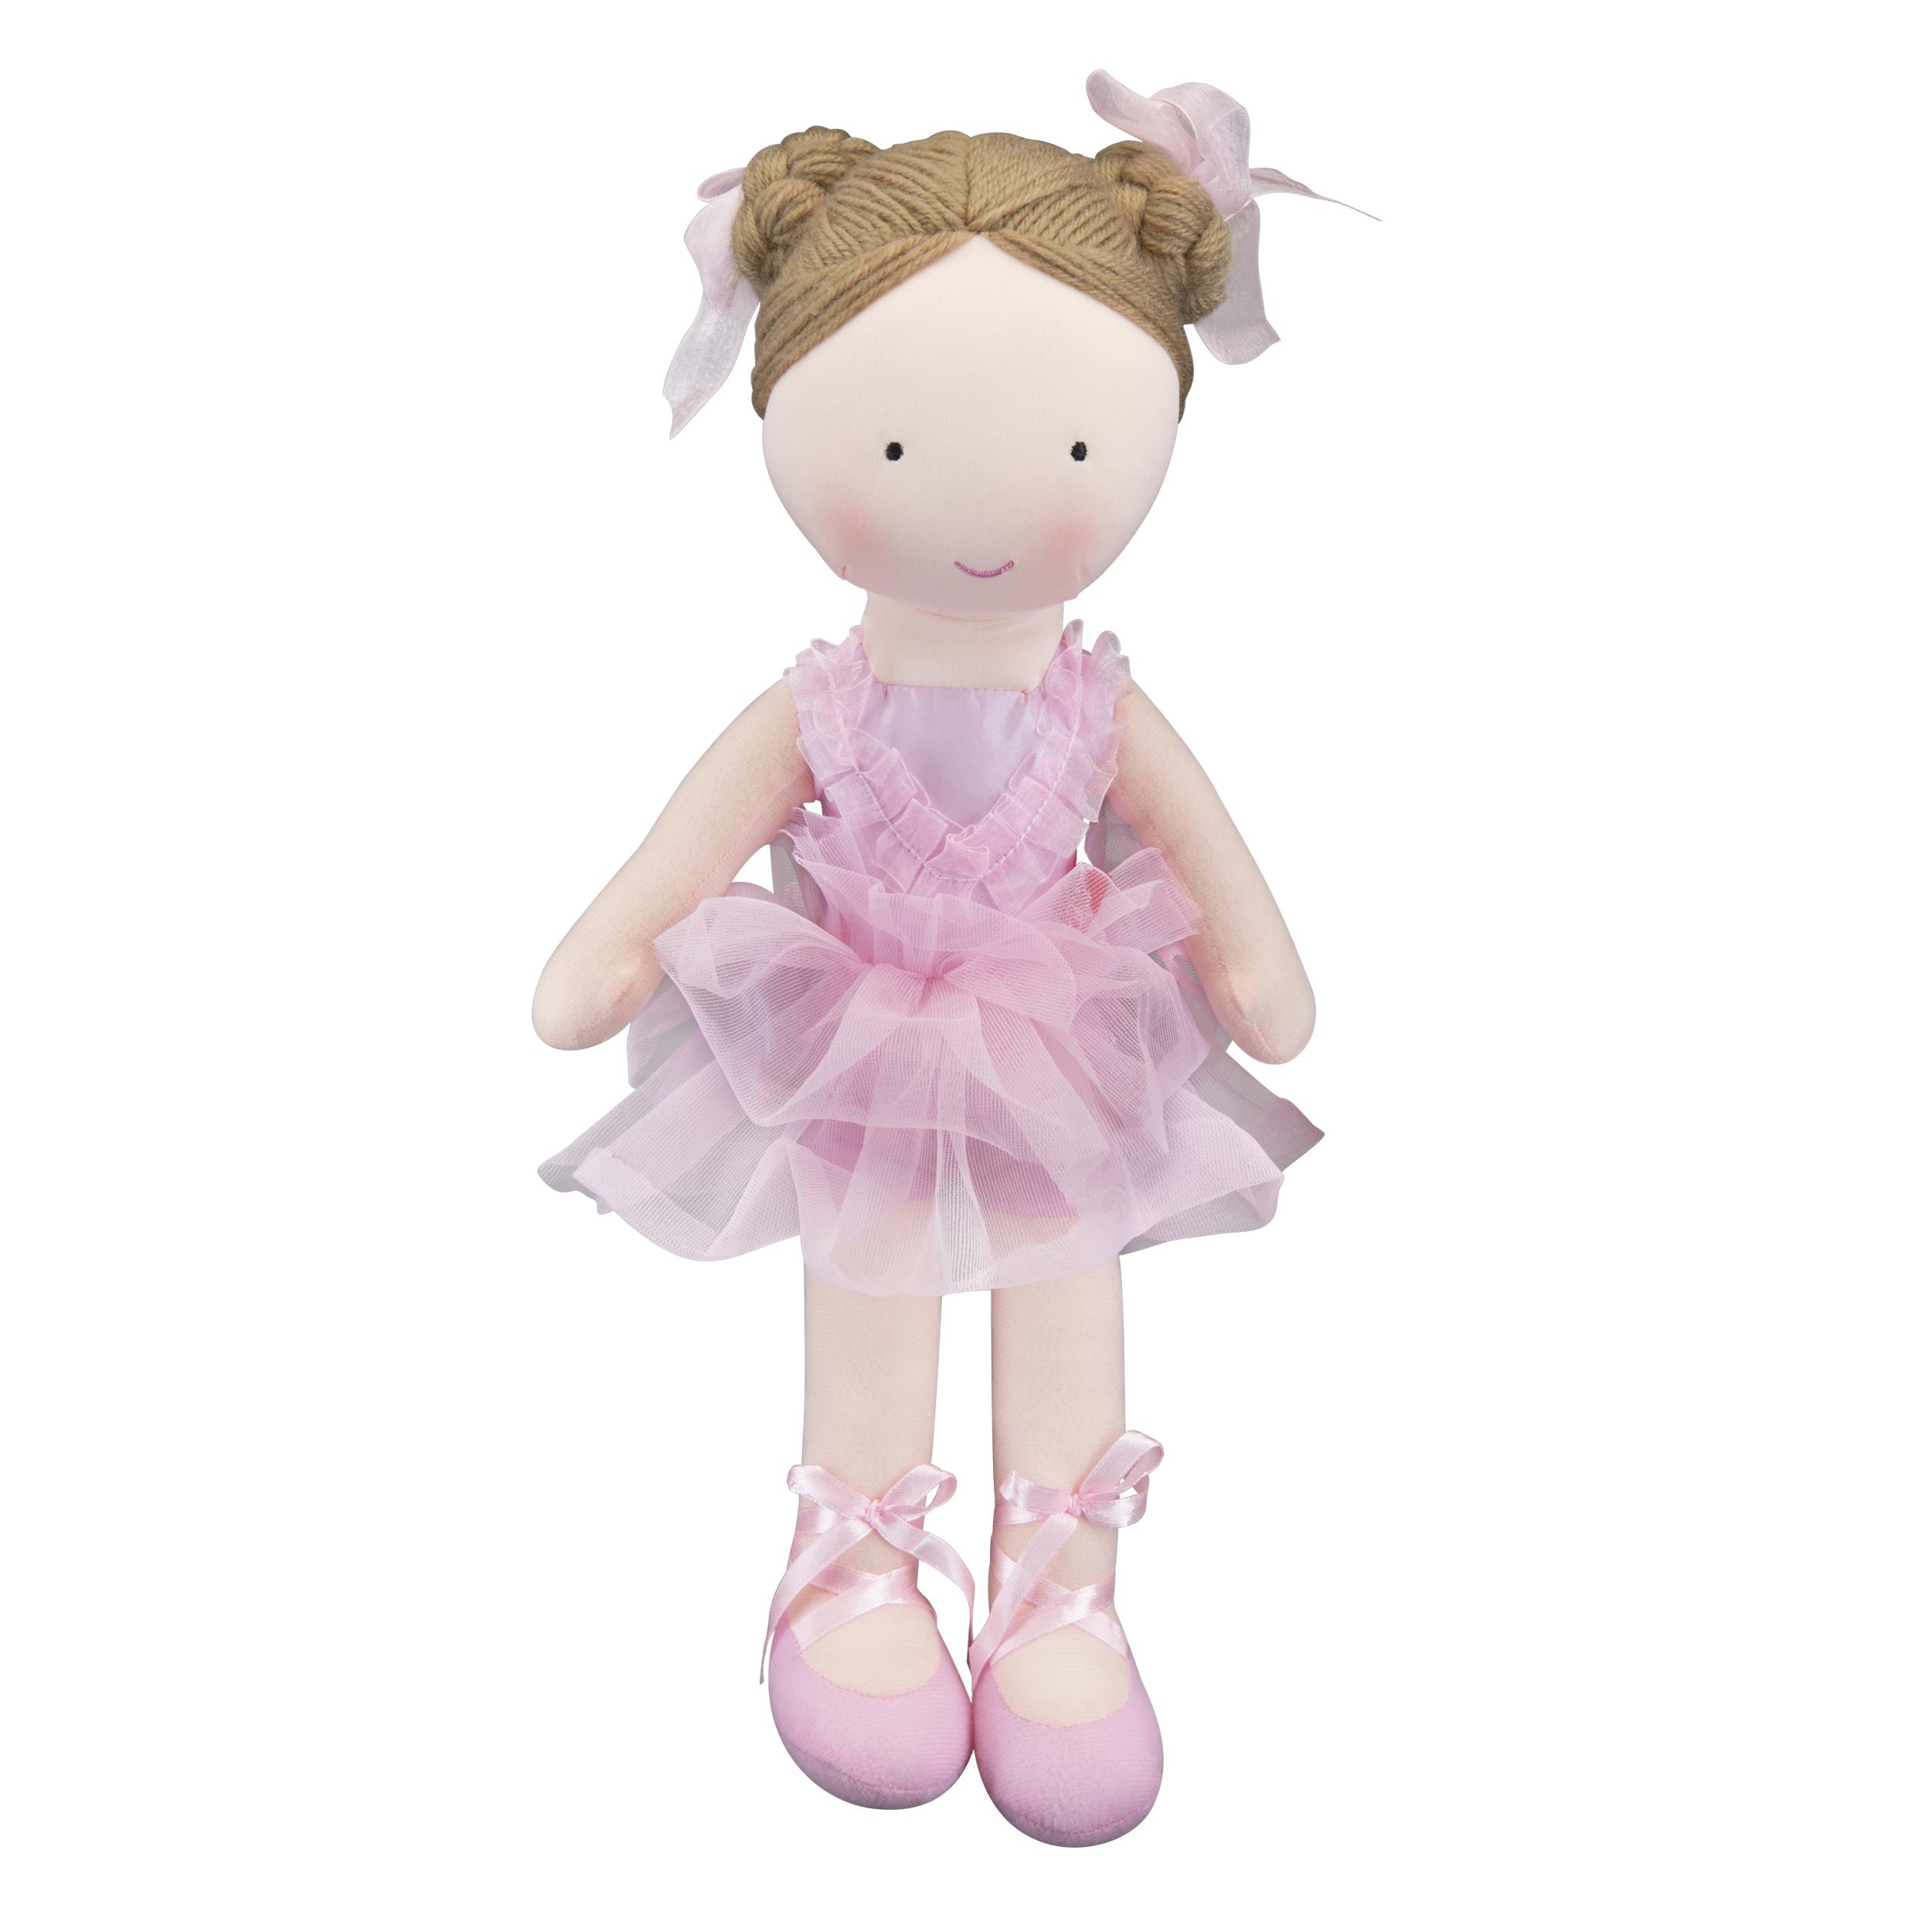 Мягкие игрушки Мир детства Мягкая игрушка Мир детства «Кукла Балерина» мягкие игрушки simba мягкая игрушка грибок 15см 8 32